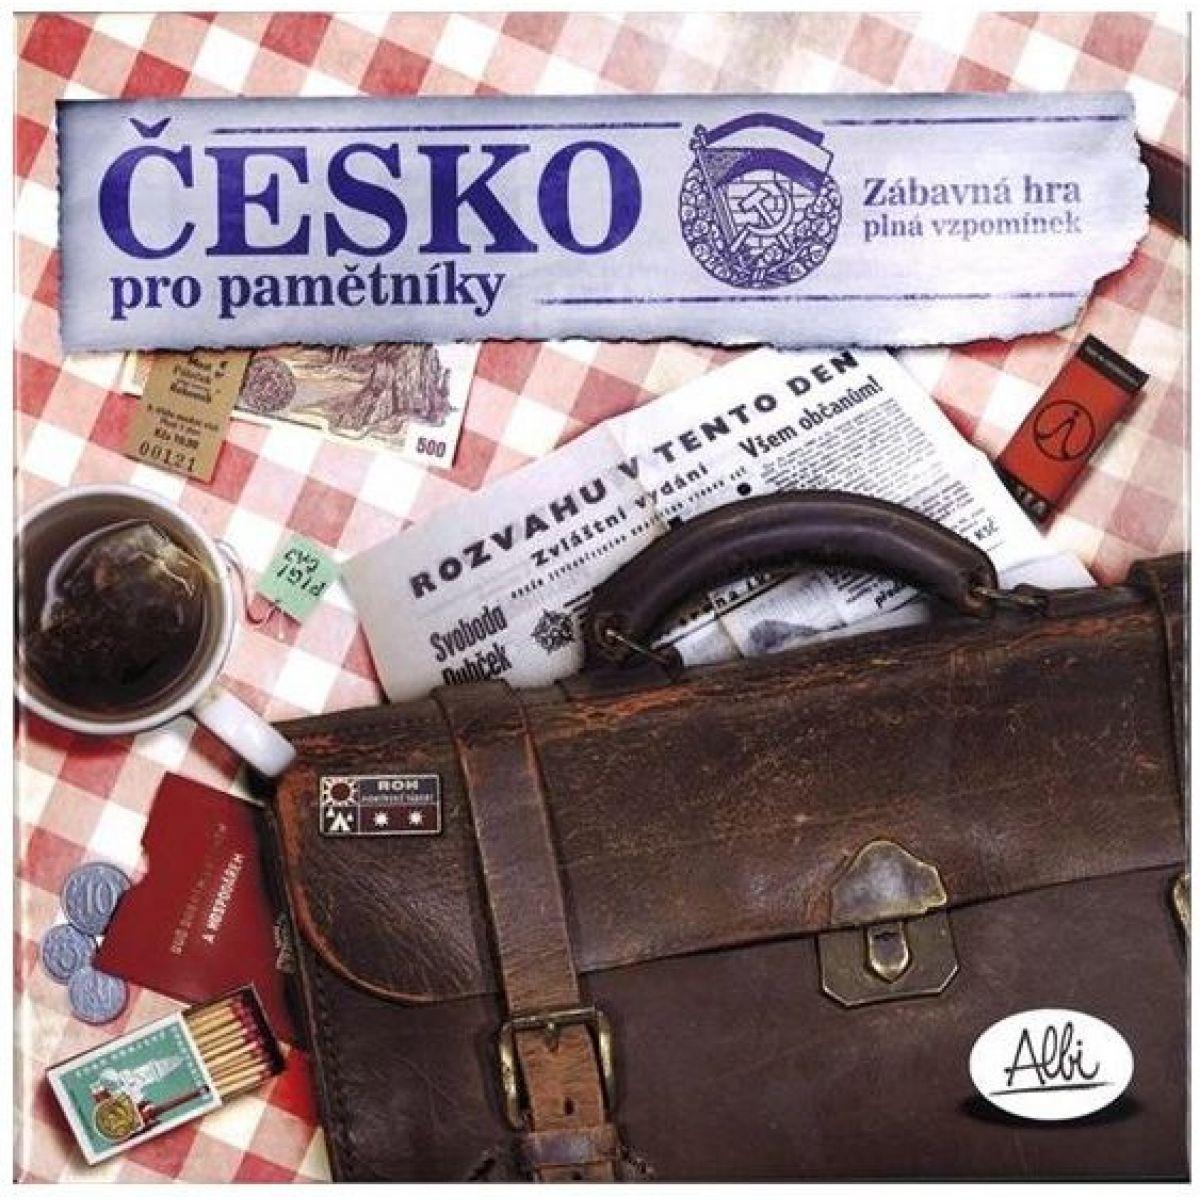 Albi Česko pro pamětníky